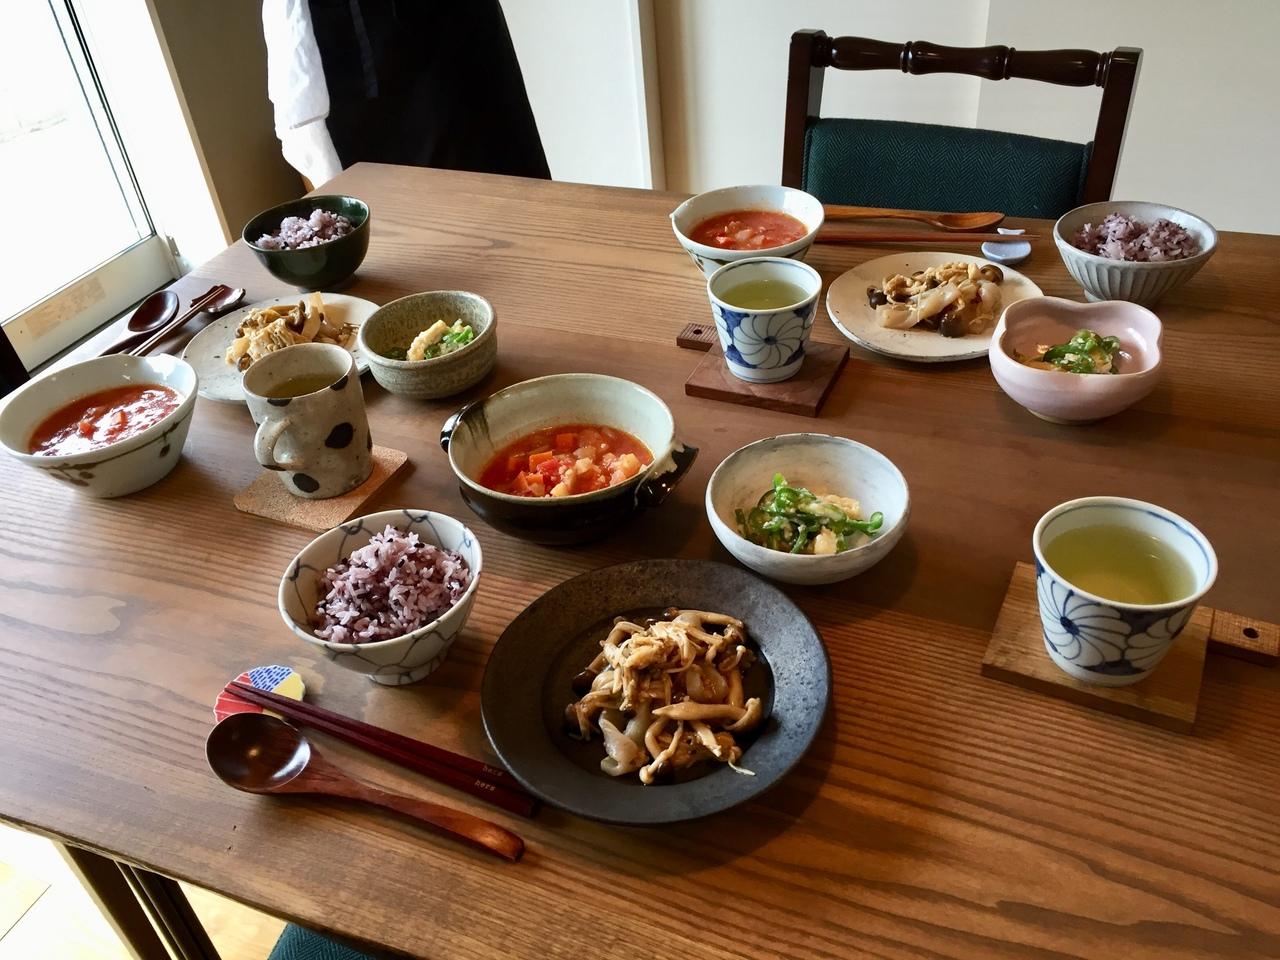 4月スタート【ふんわり糀家認定講師主催】 家族と私の健康のために、毎日食べたい作りたい発酵食料理Basic講座